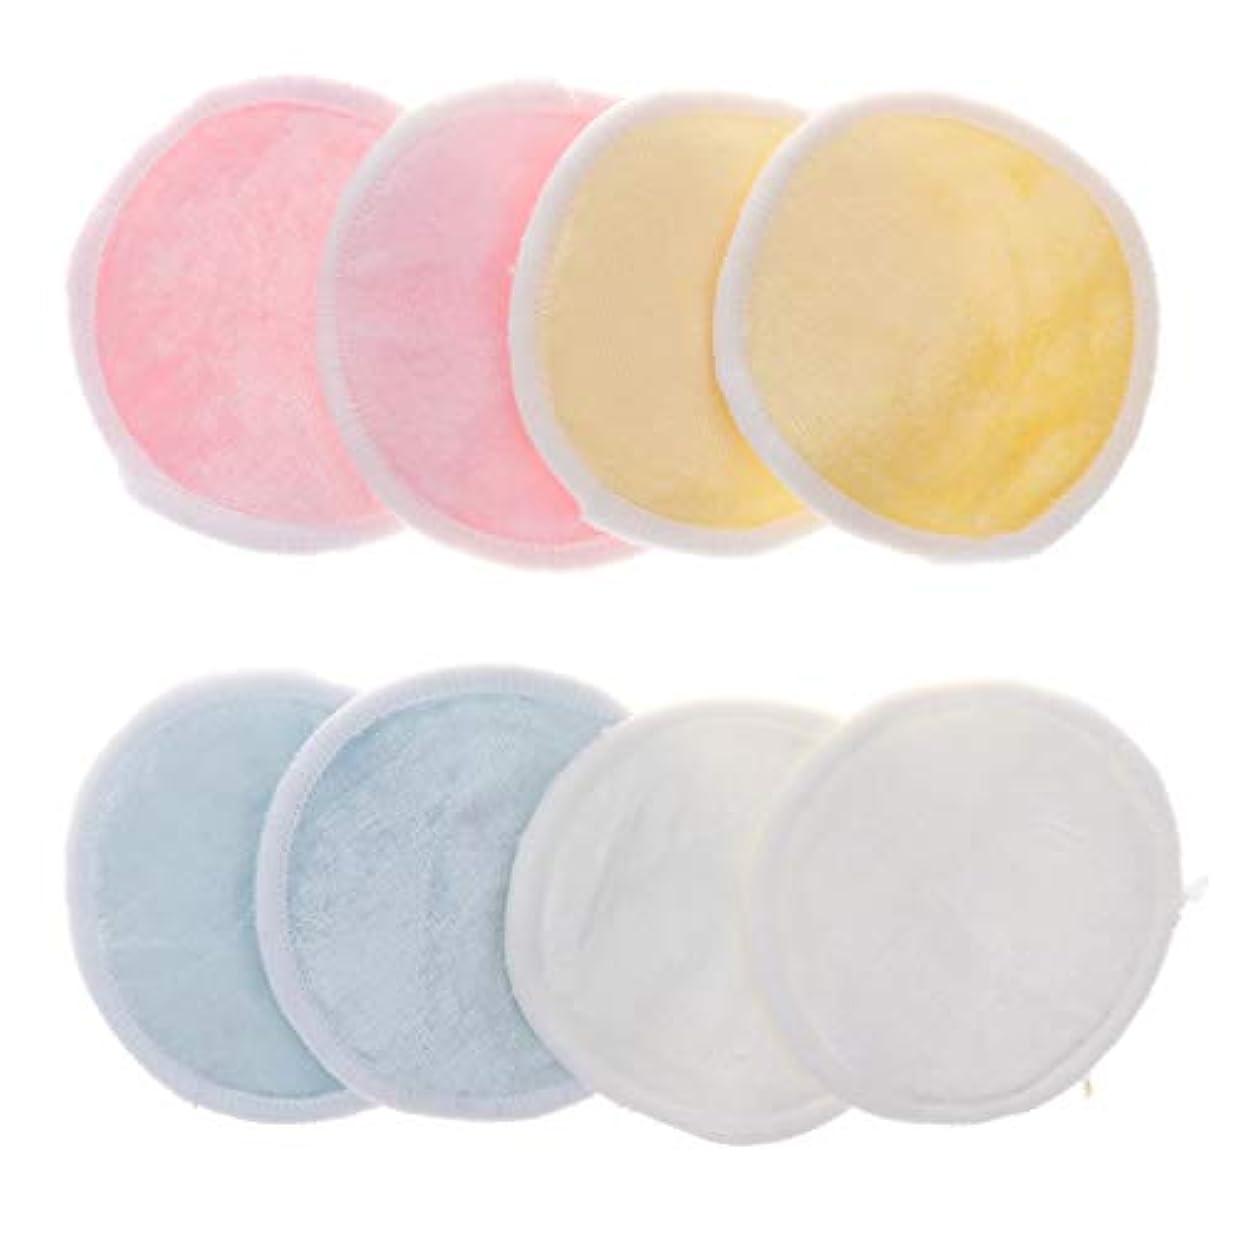 式乳ブラウンクレンジングシート 化粧コットン パッド メイク落としコットン 再使用可能 軽量 トラベル 8個入